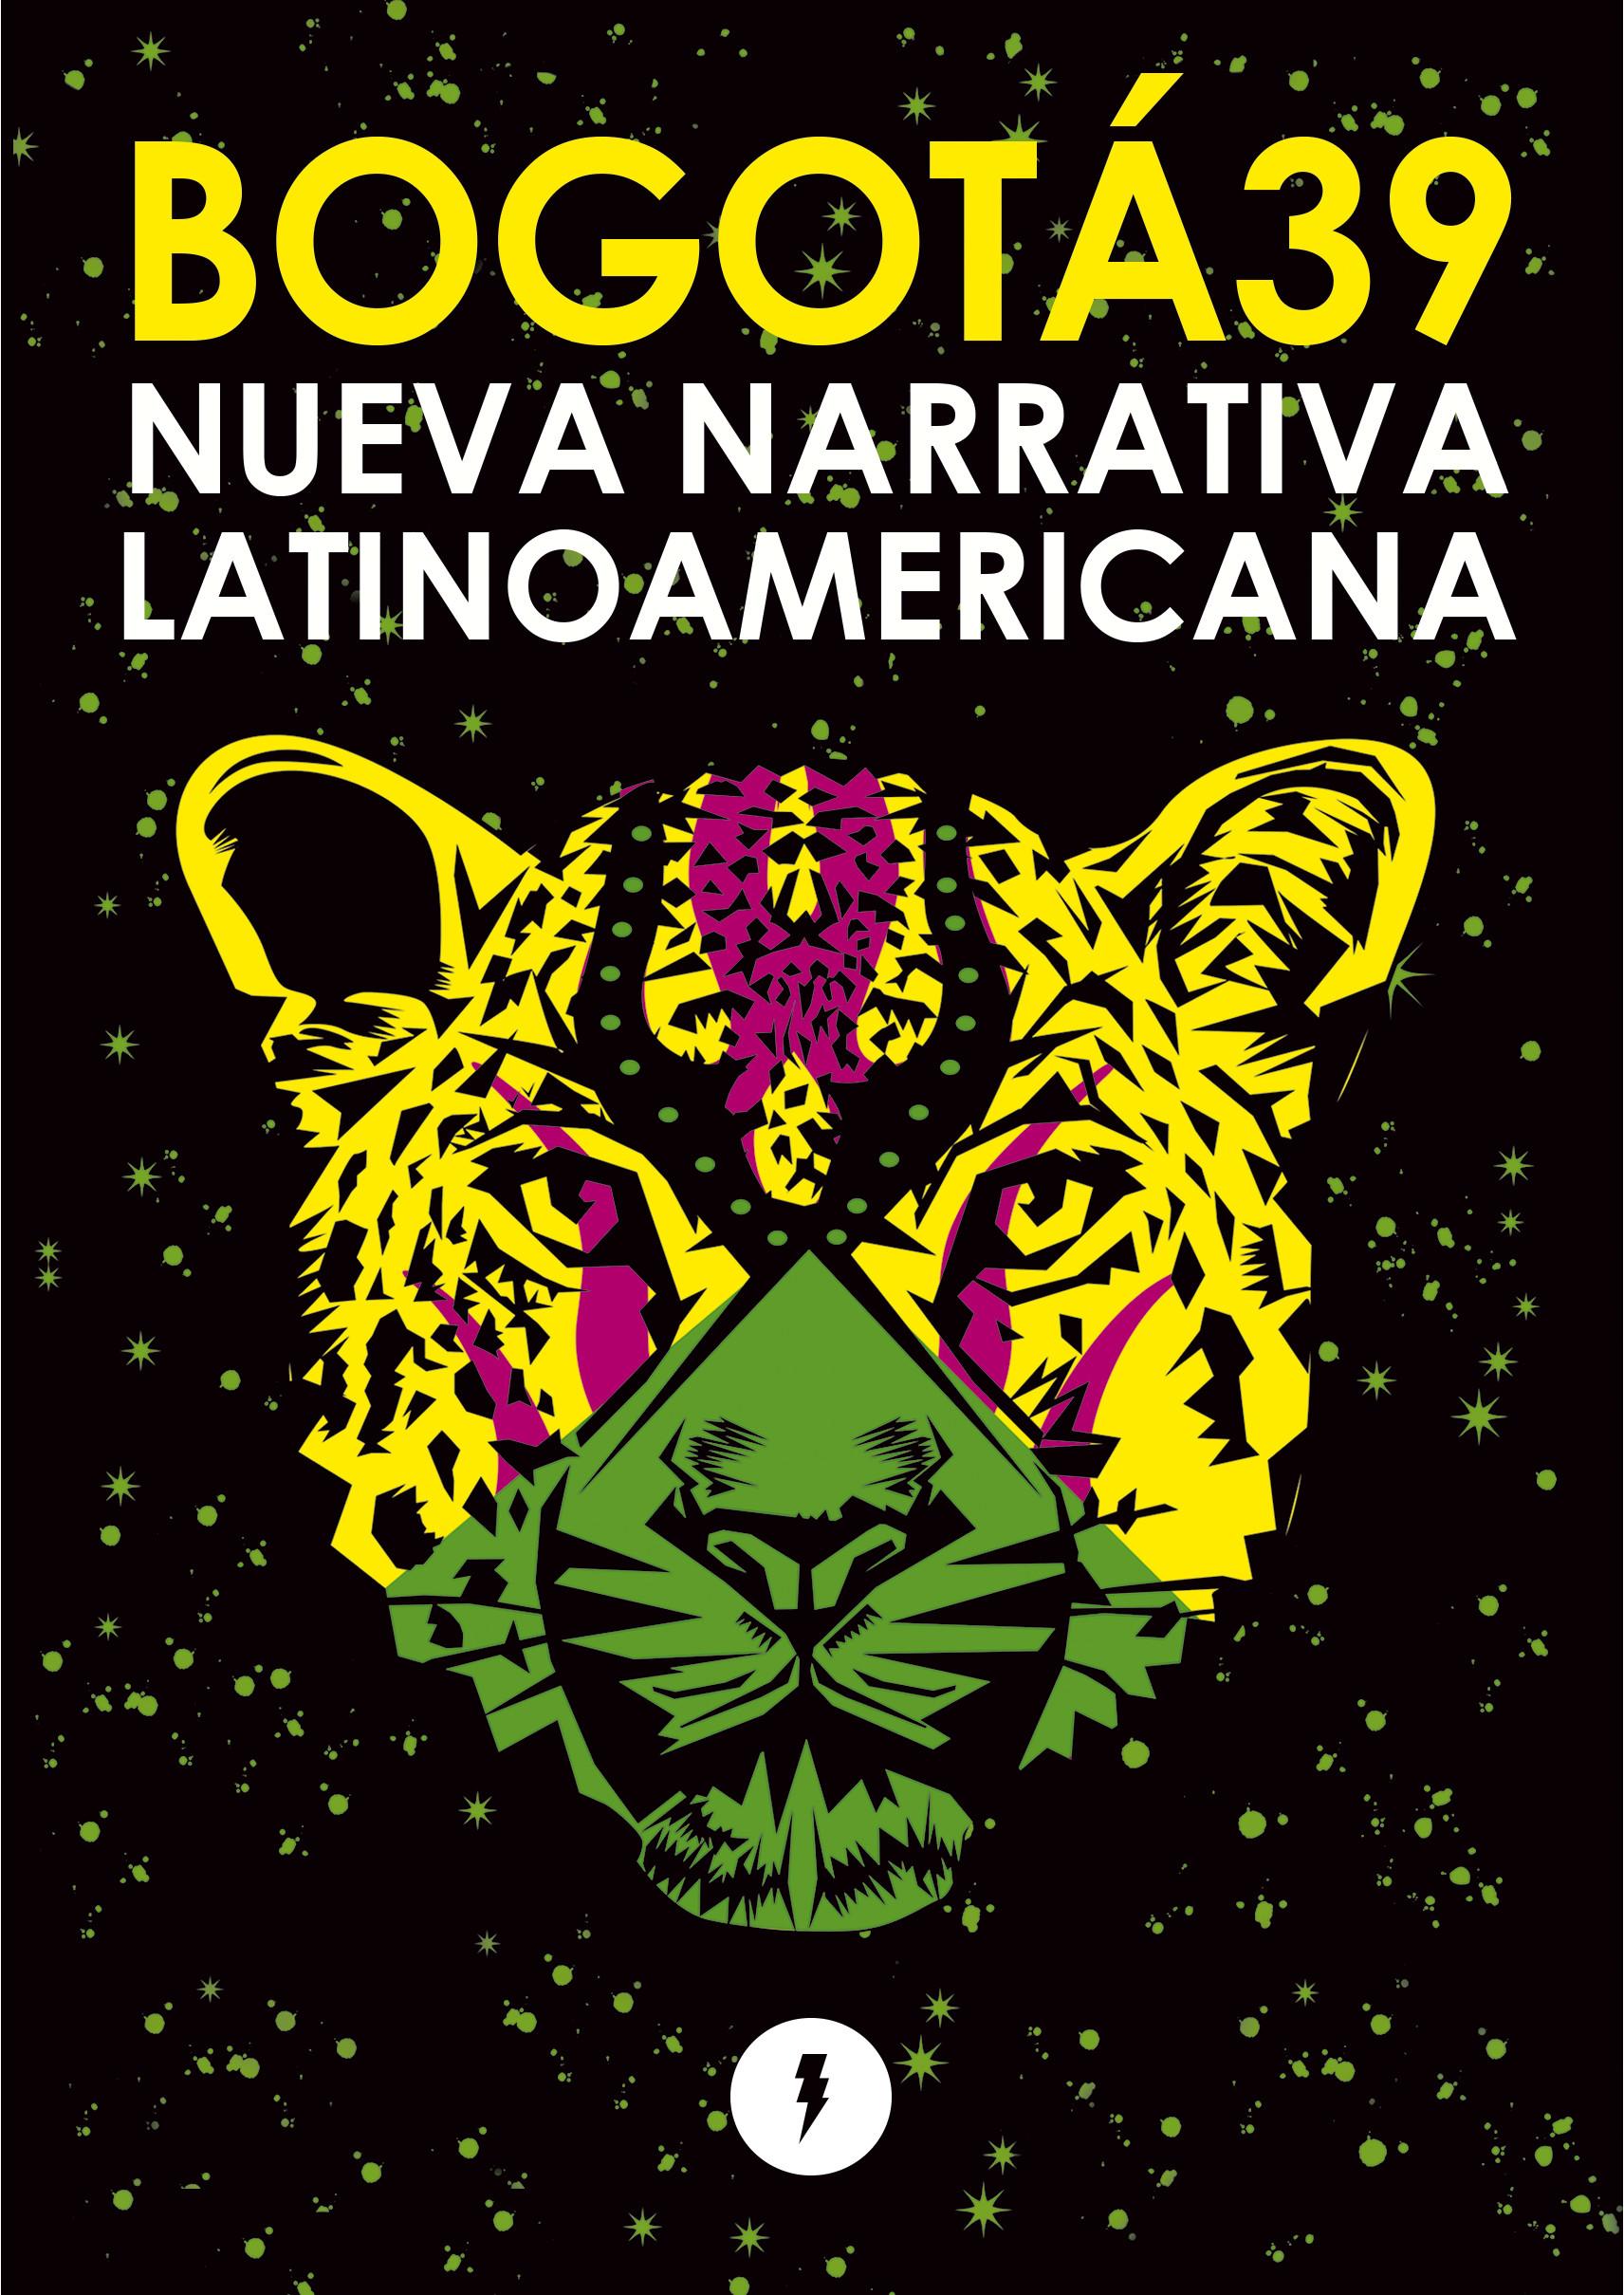 Bogotá 39